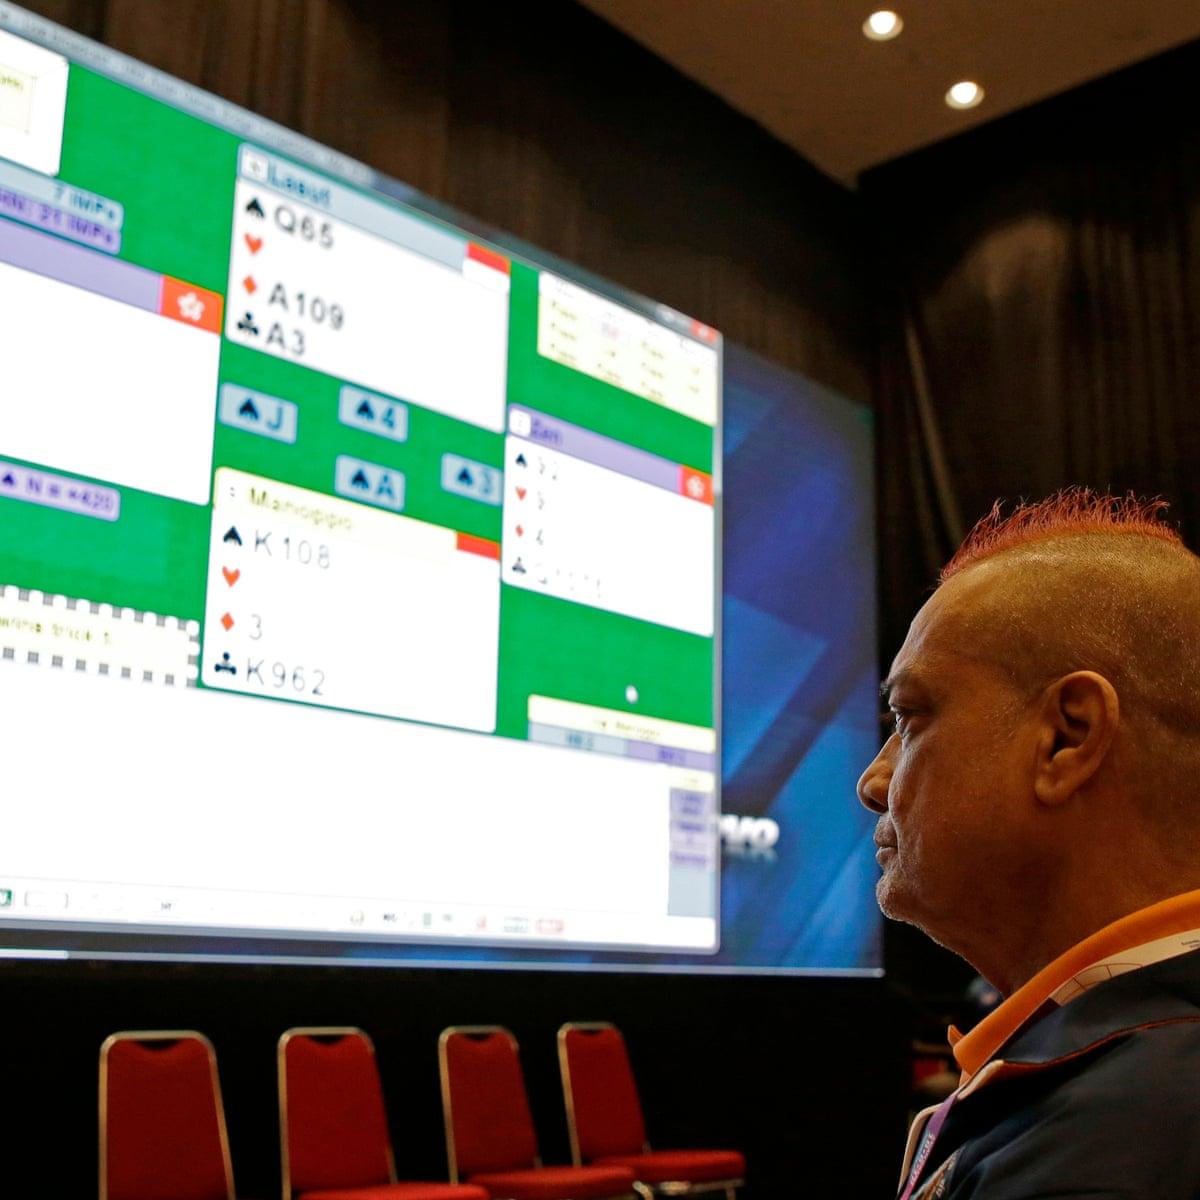 Mapenda kudus blog sport betting ufc 81 betting guide